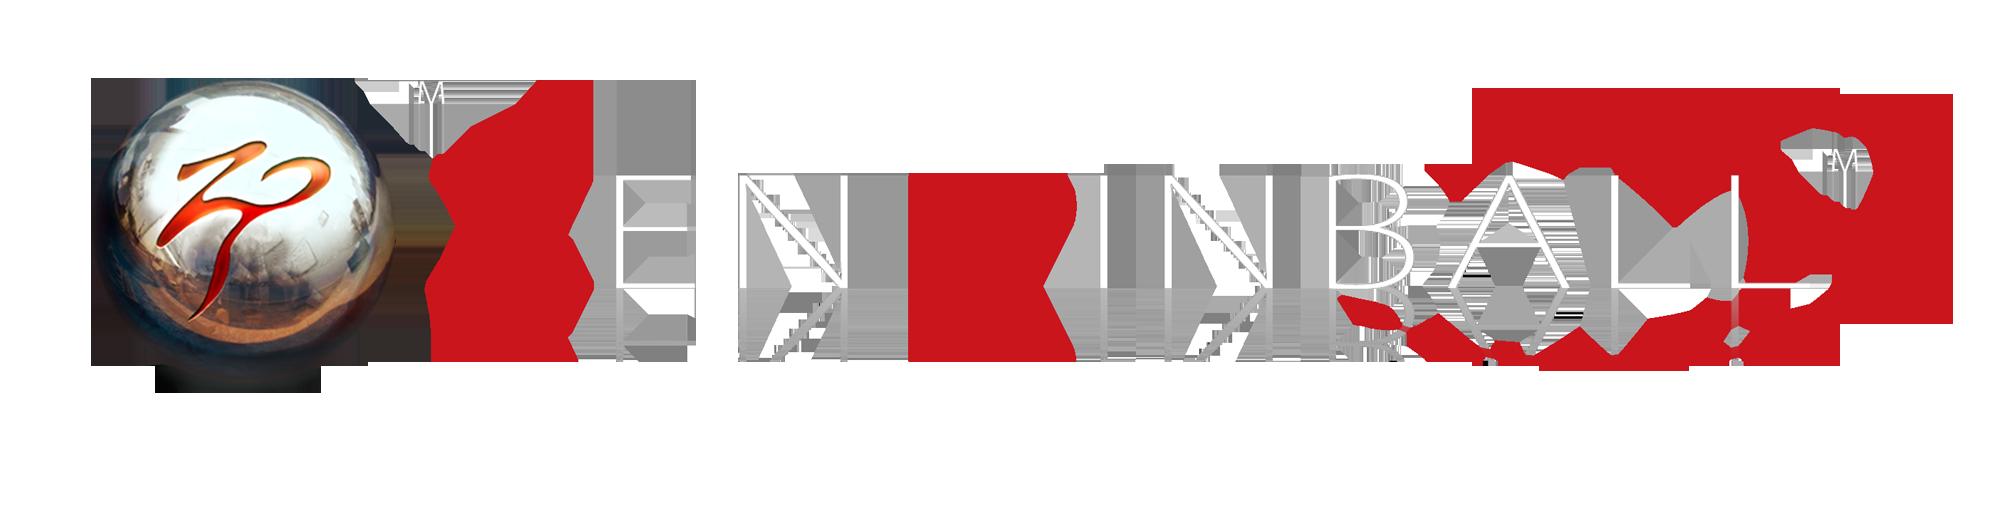 zp3d_logo.png